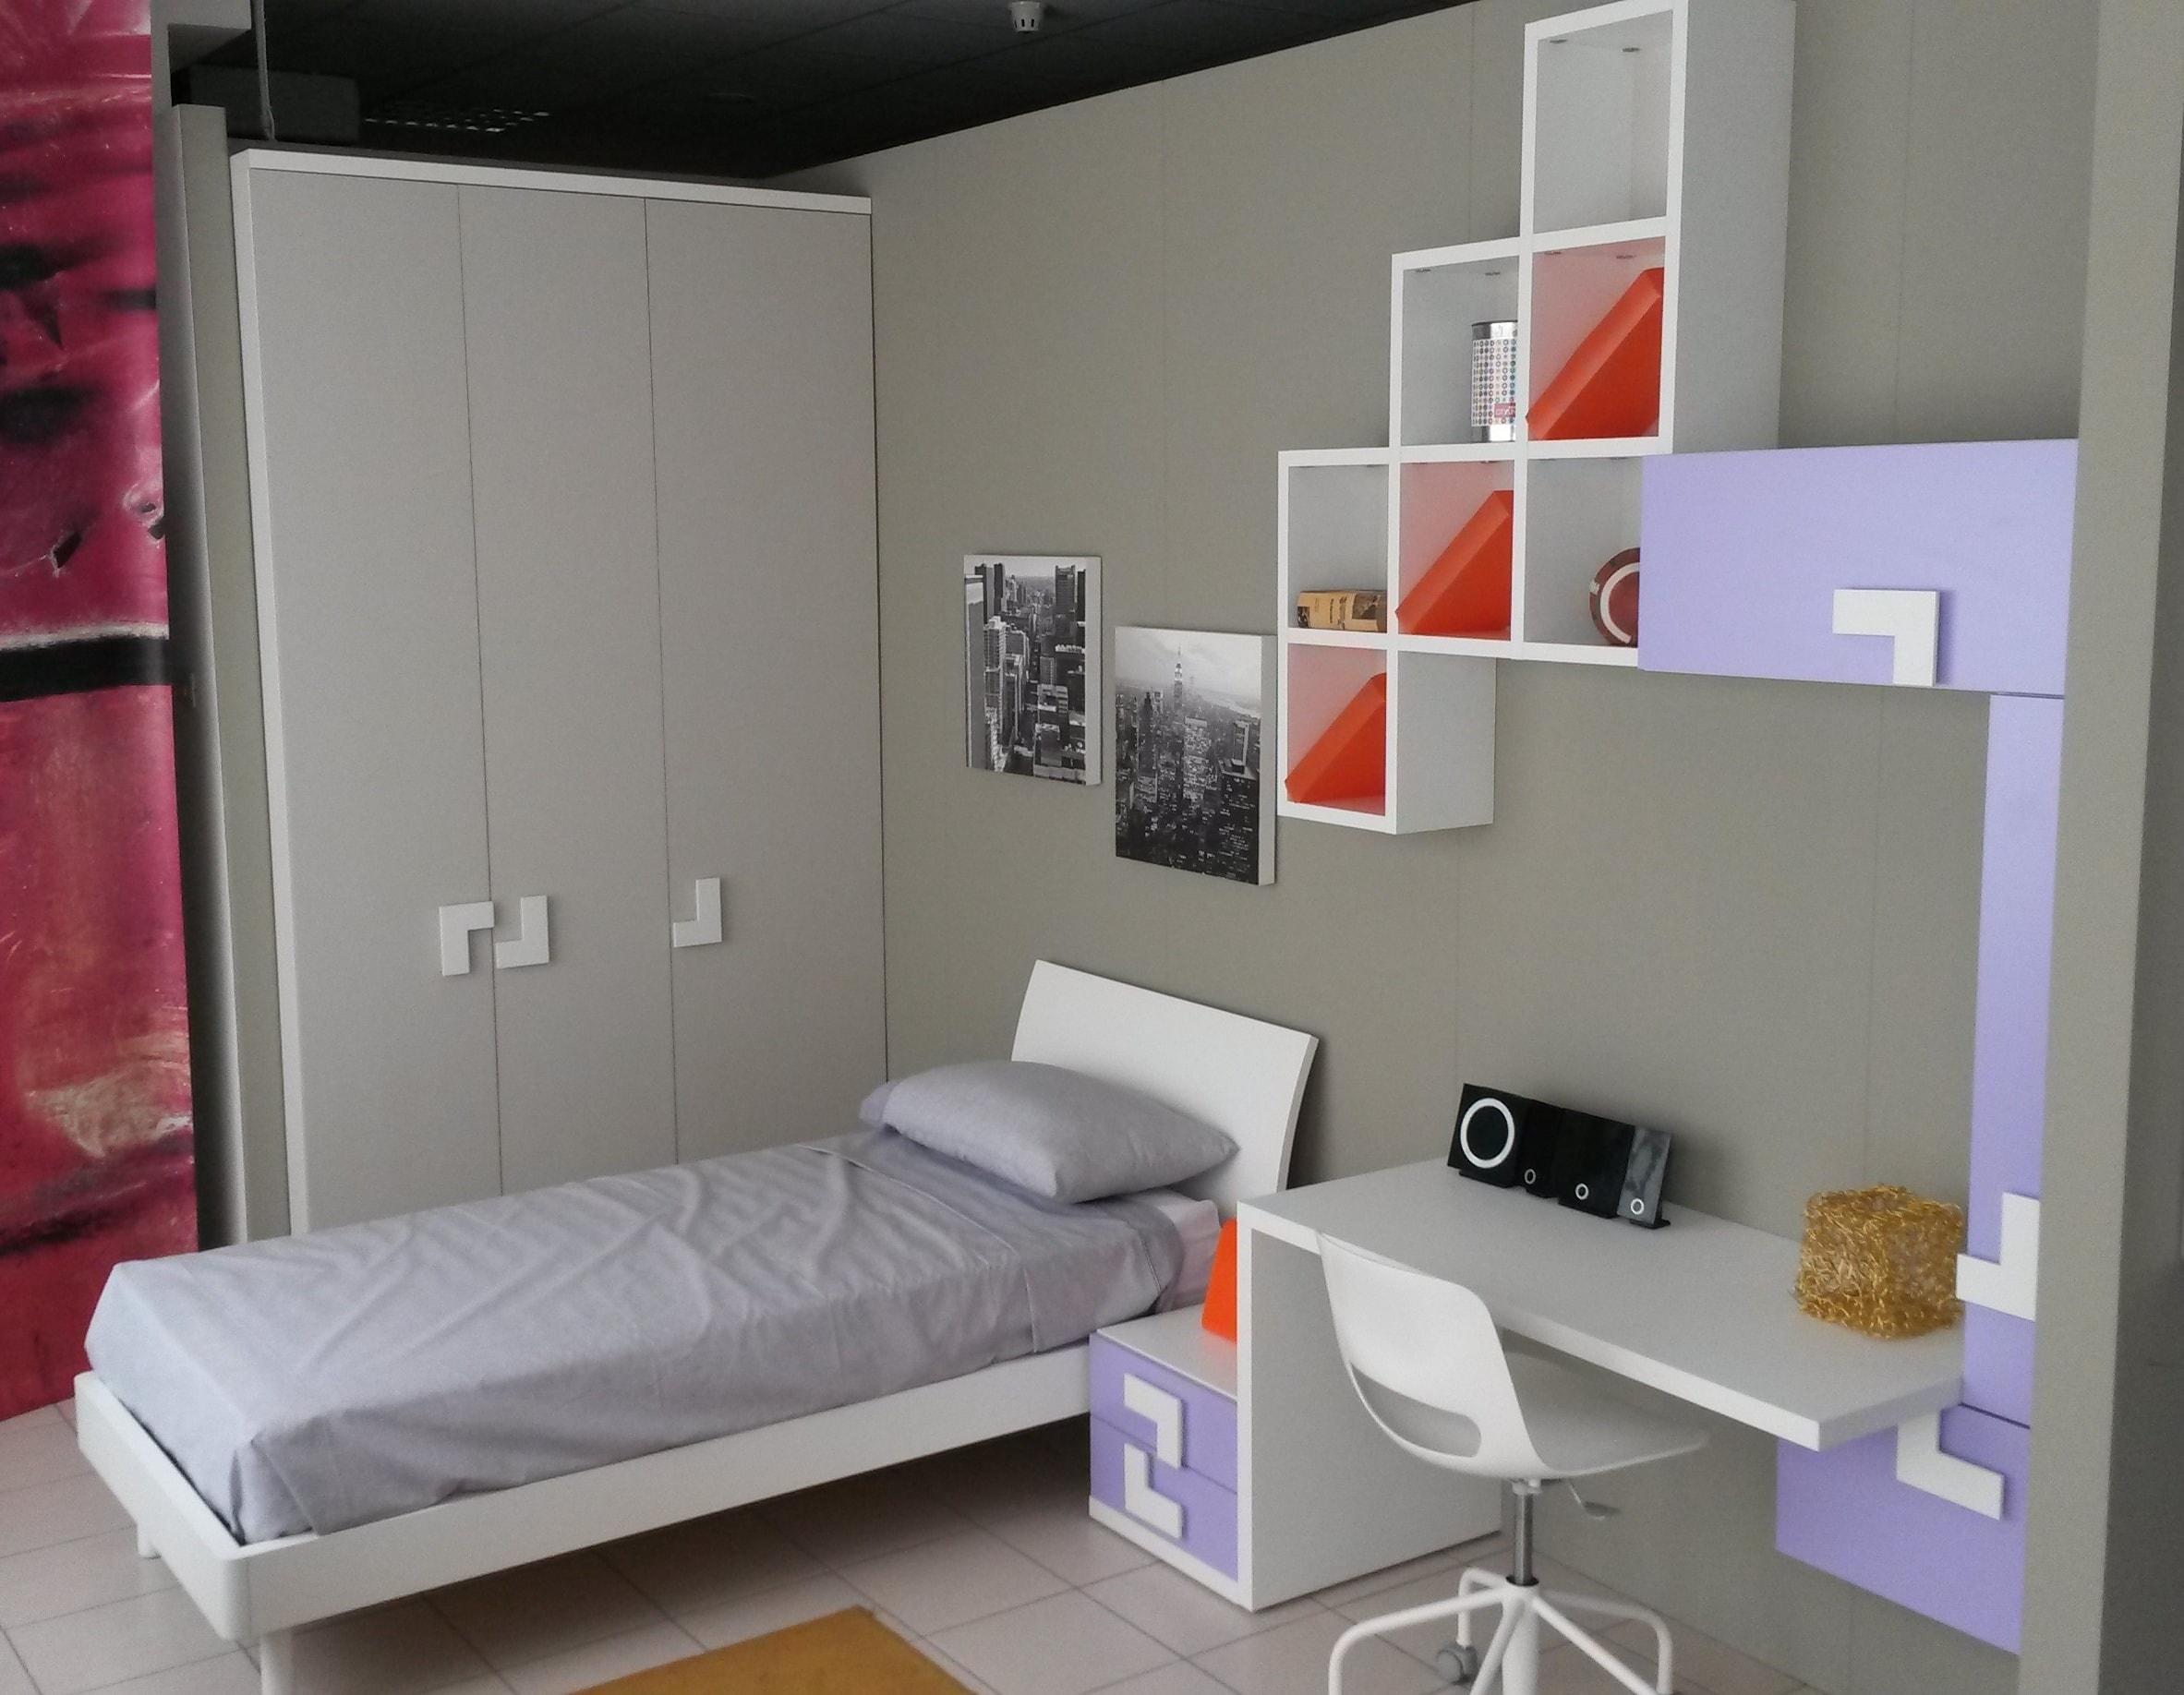 Cameretta doimo cityline over letto a terra camerette a - Camerette doimo prezzi ...